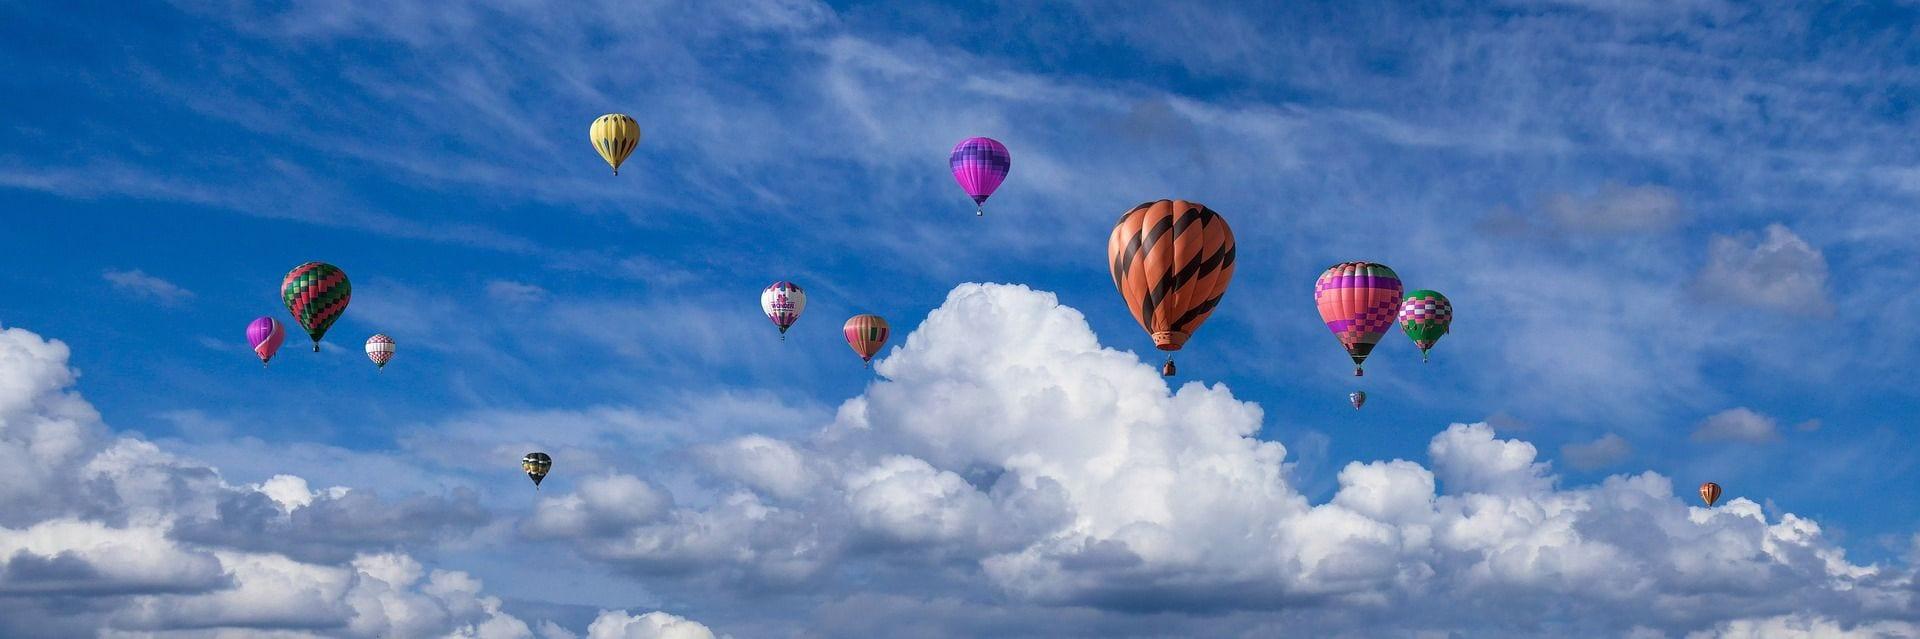 montgolfières dans le ciel, reve et voyage